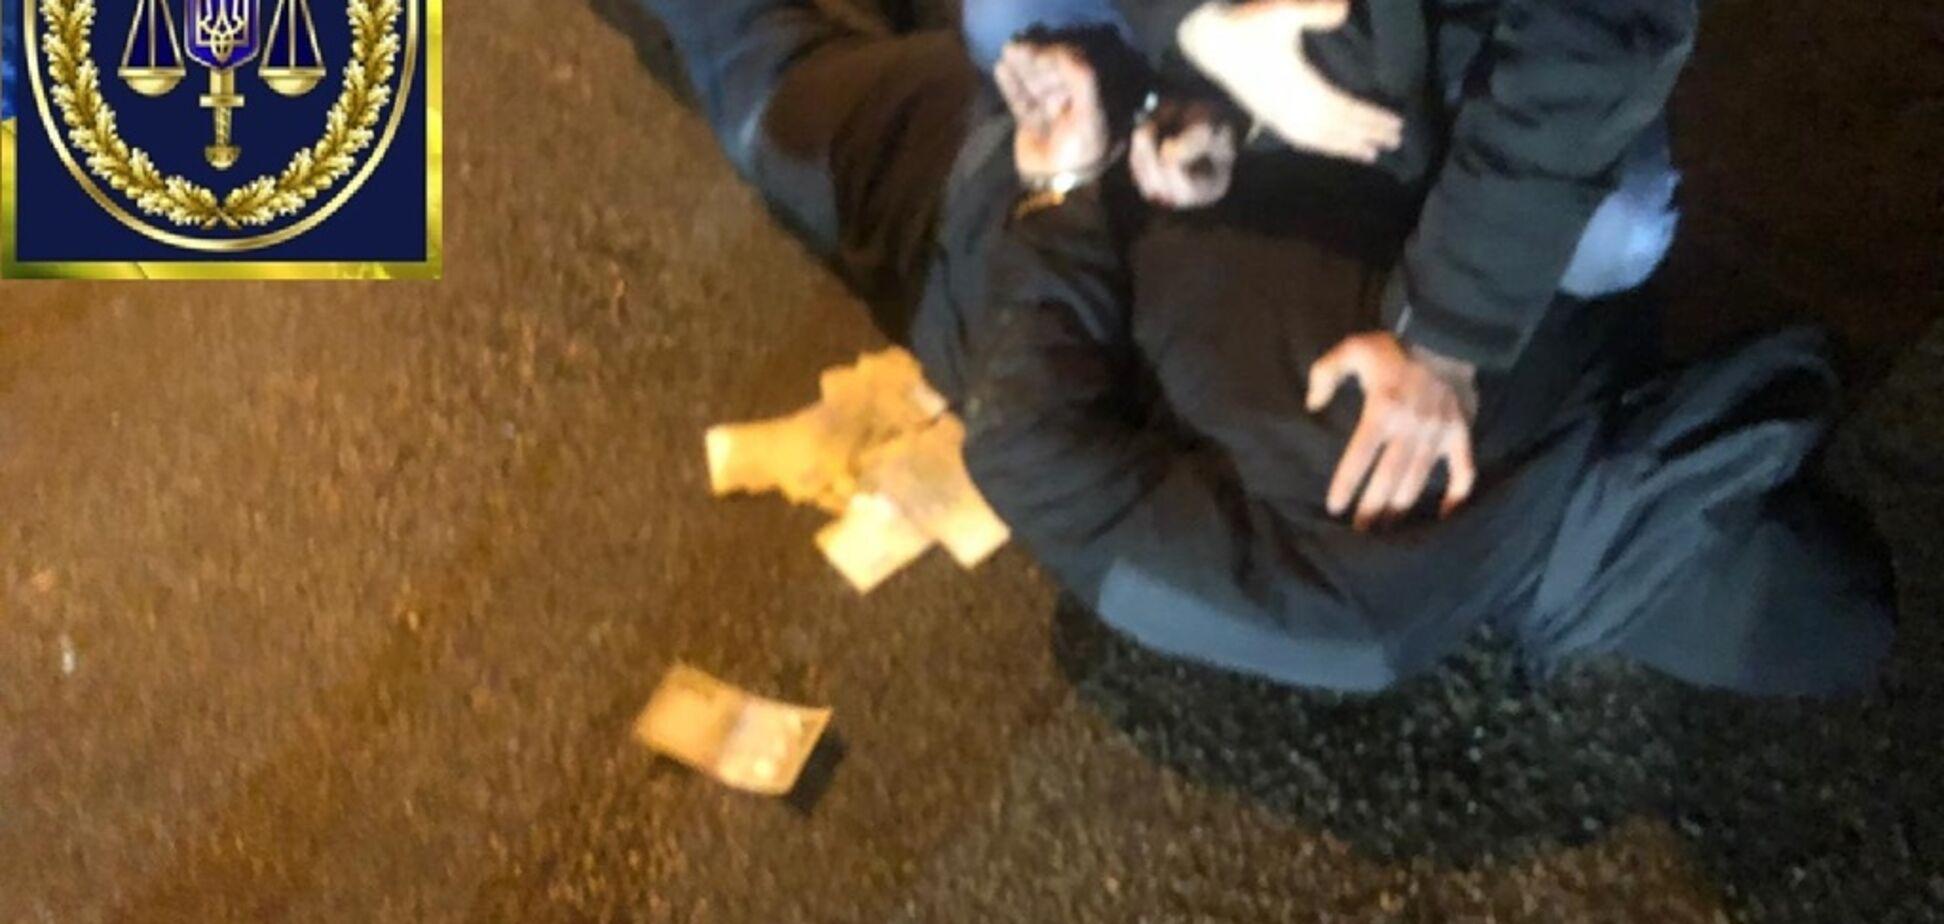 В Киеве на крупной взятке задержан замдиректора государственной ''оборонки'': детали спецоперации